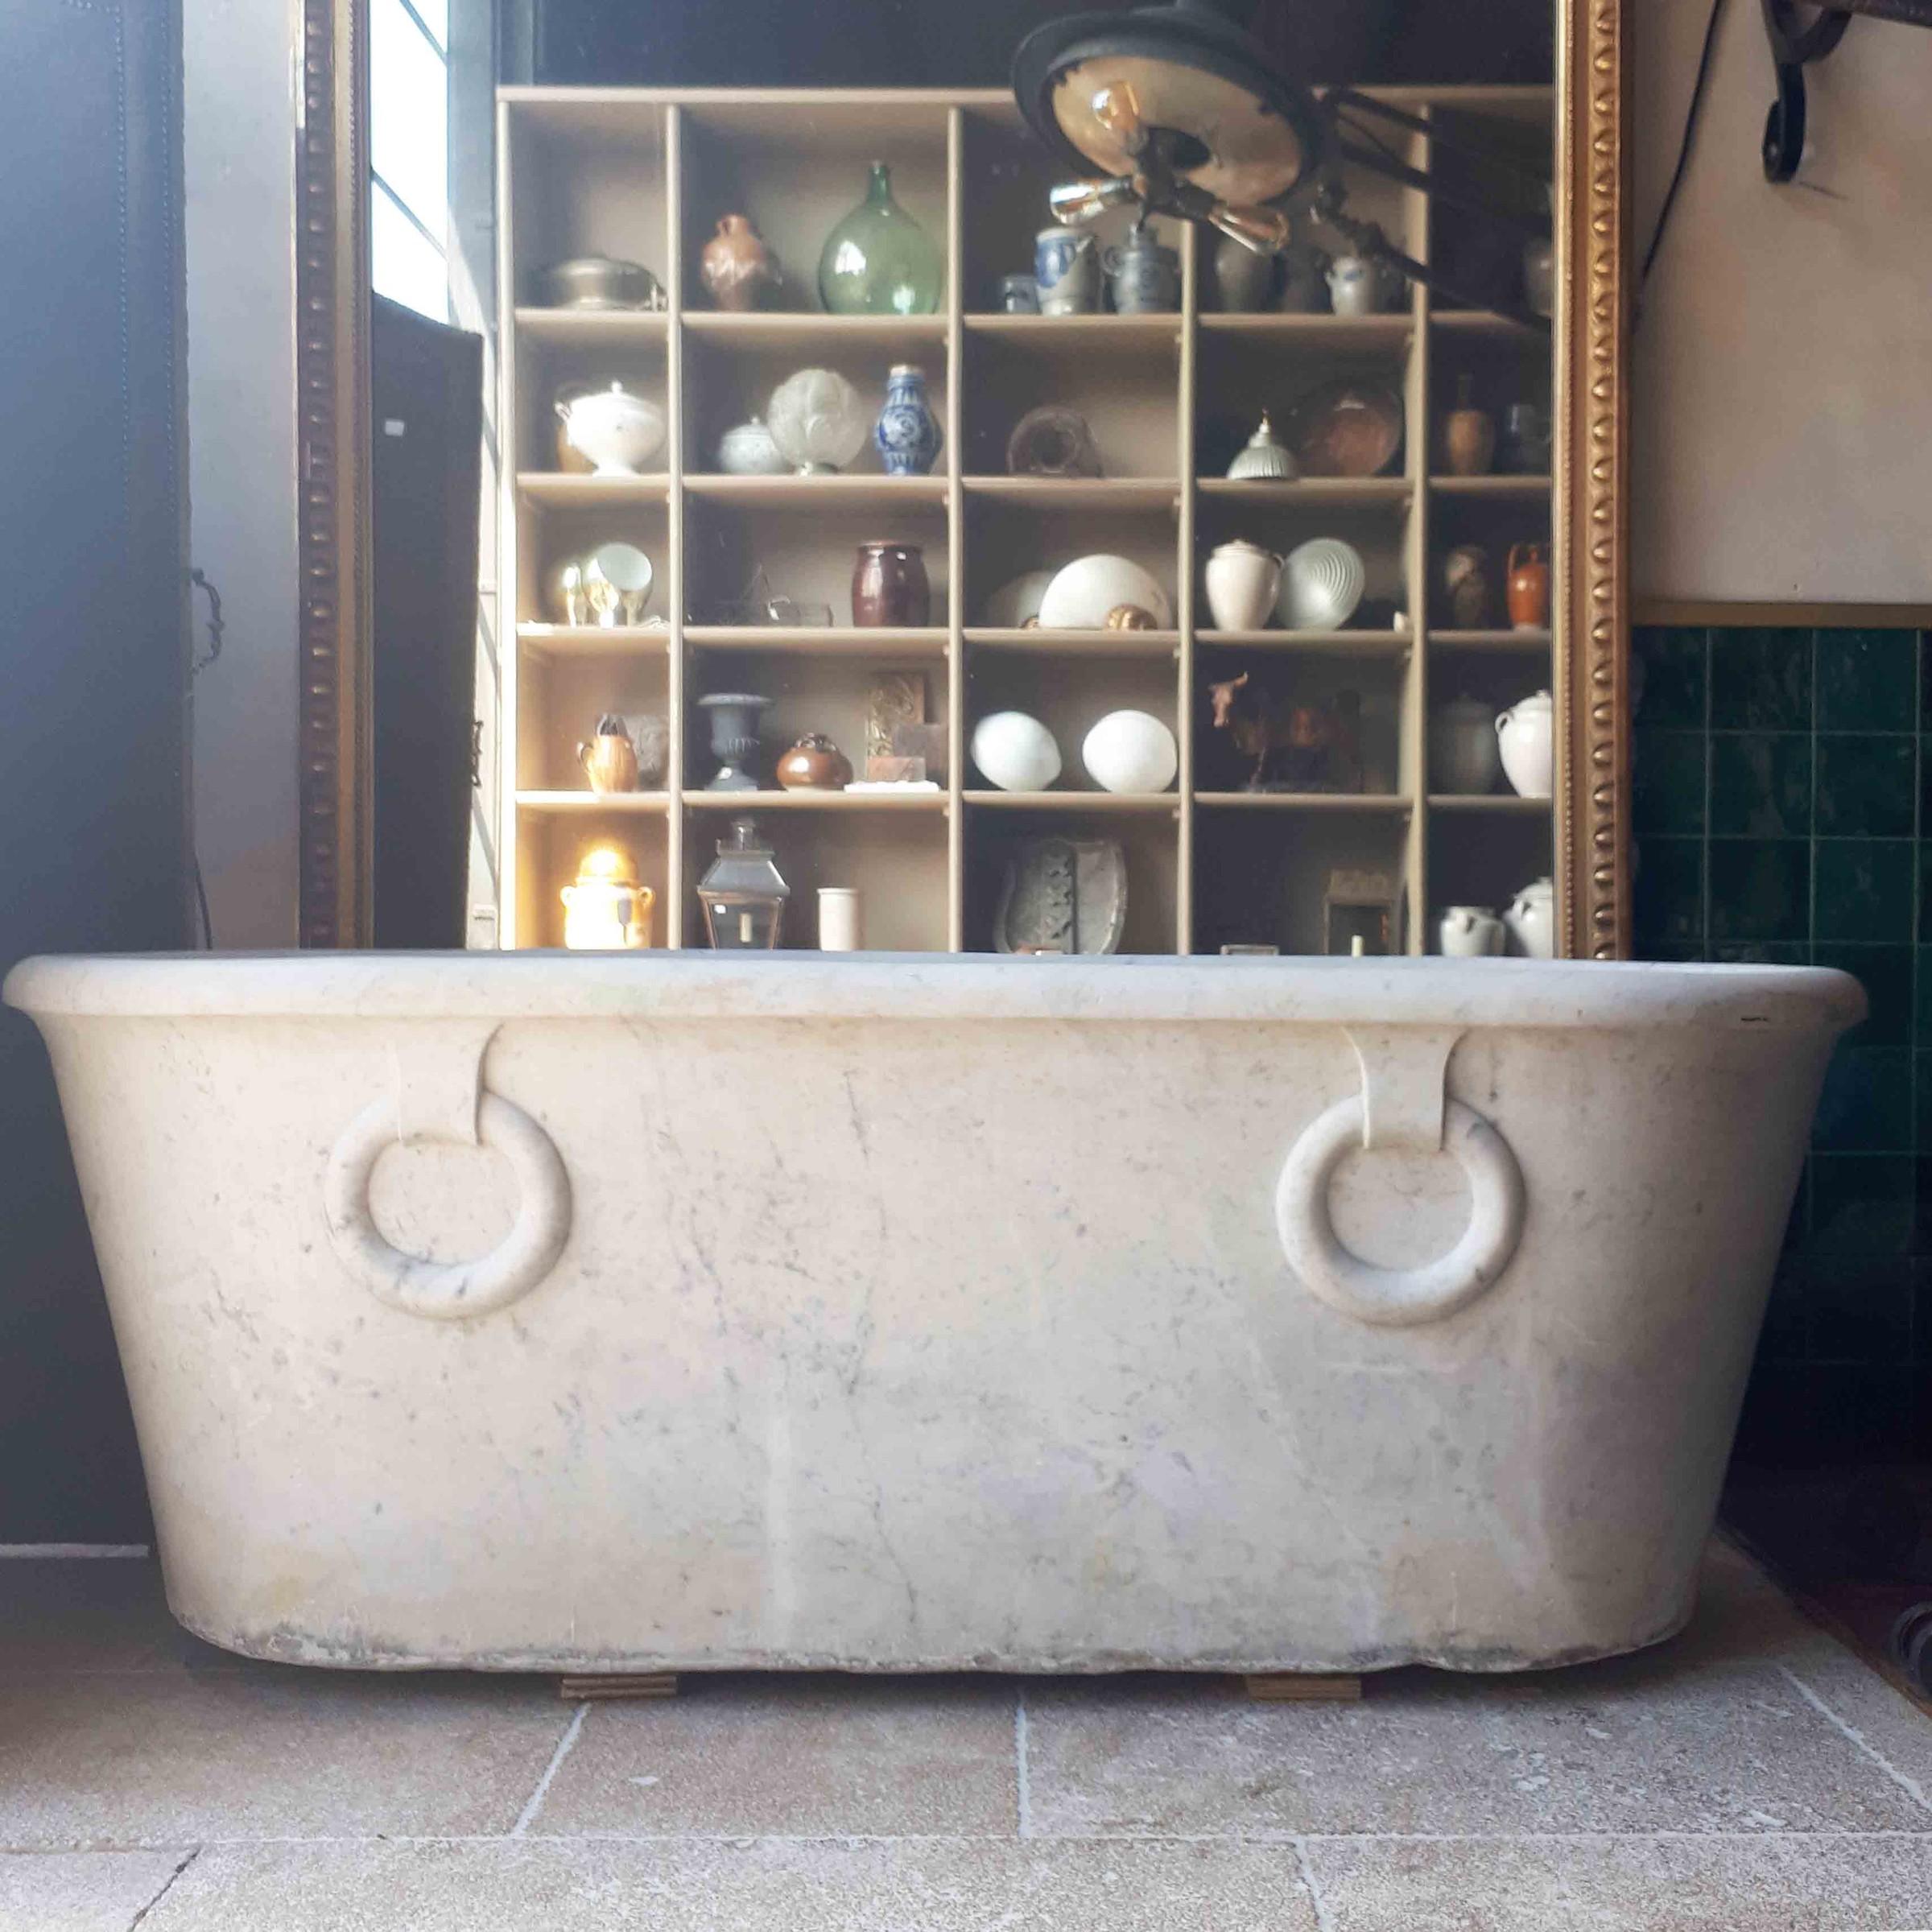 carrara marmeren bad in empire stijl vroeg 19e eeuw